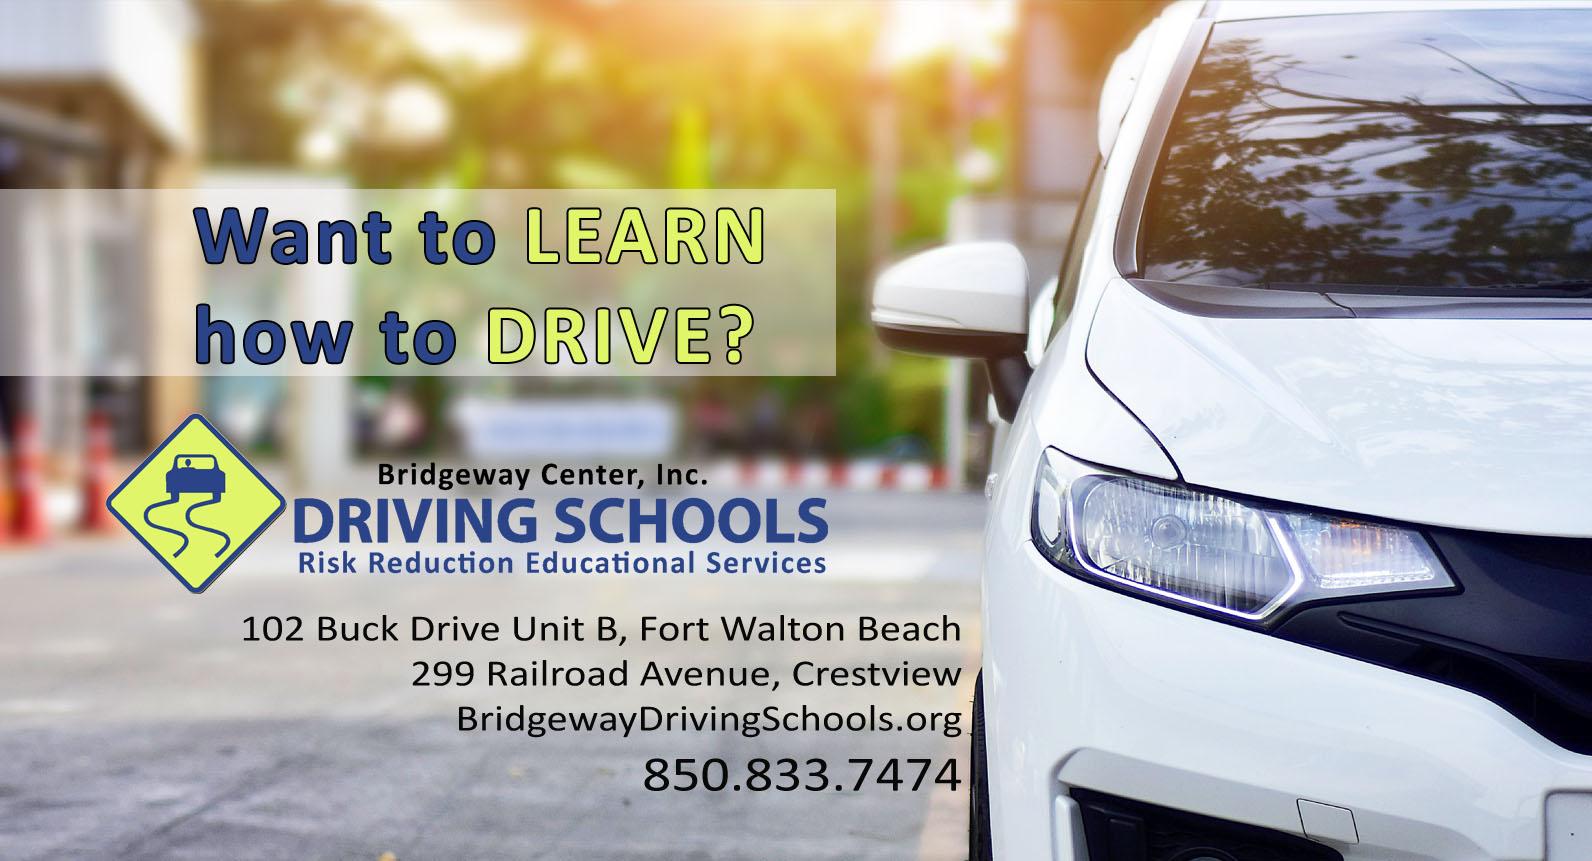 Bridgeway Center Driving School